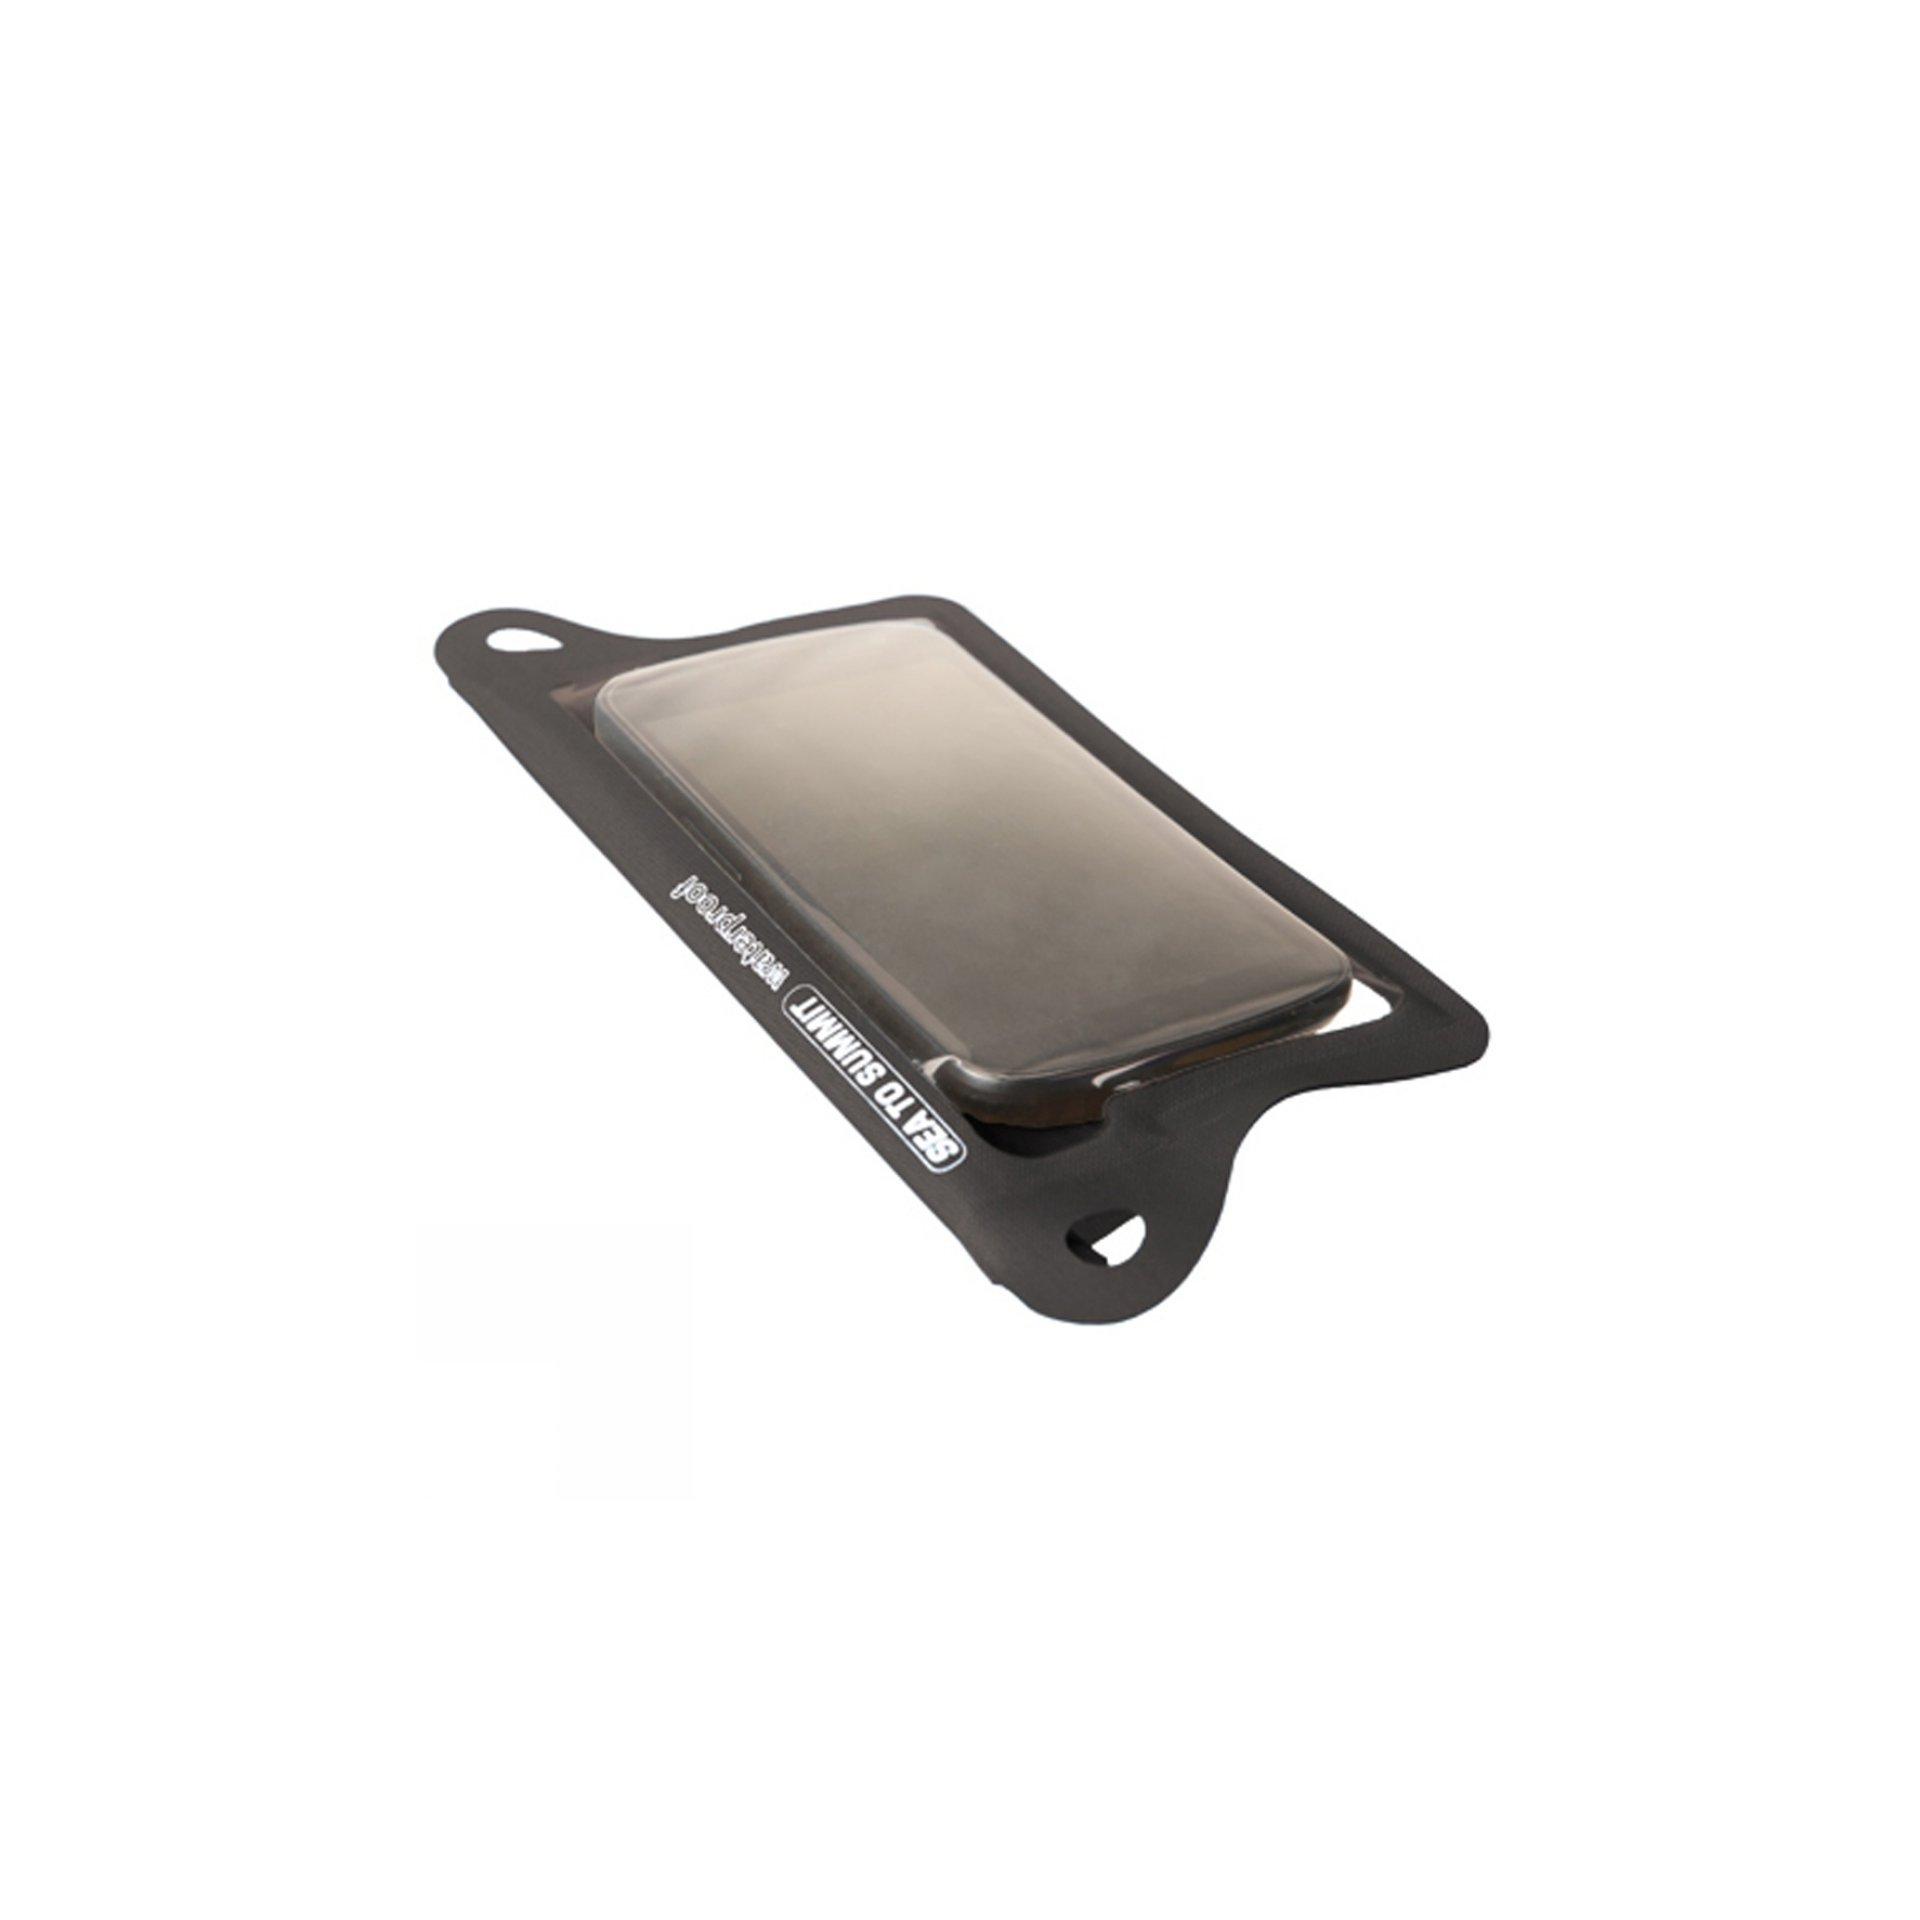 Capa Para Smartphones Tpu Impermeável